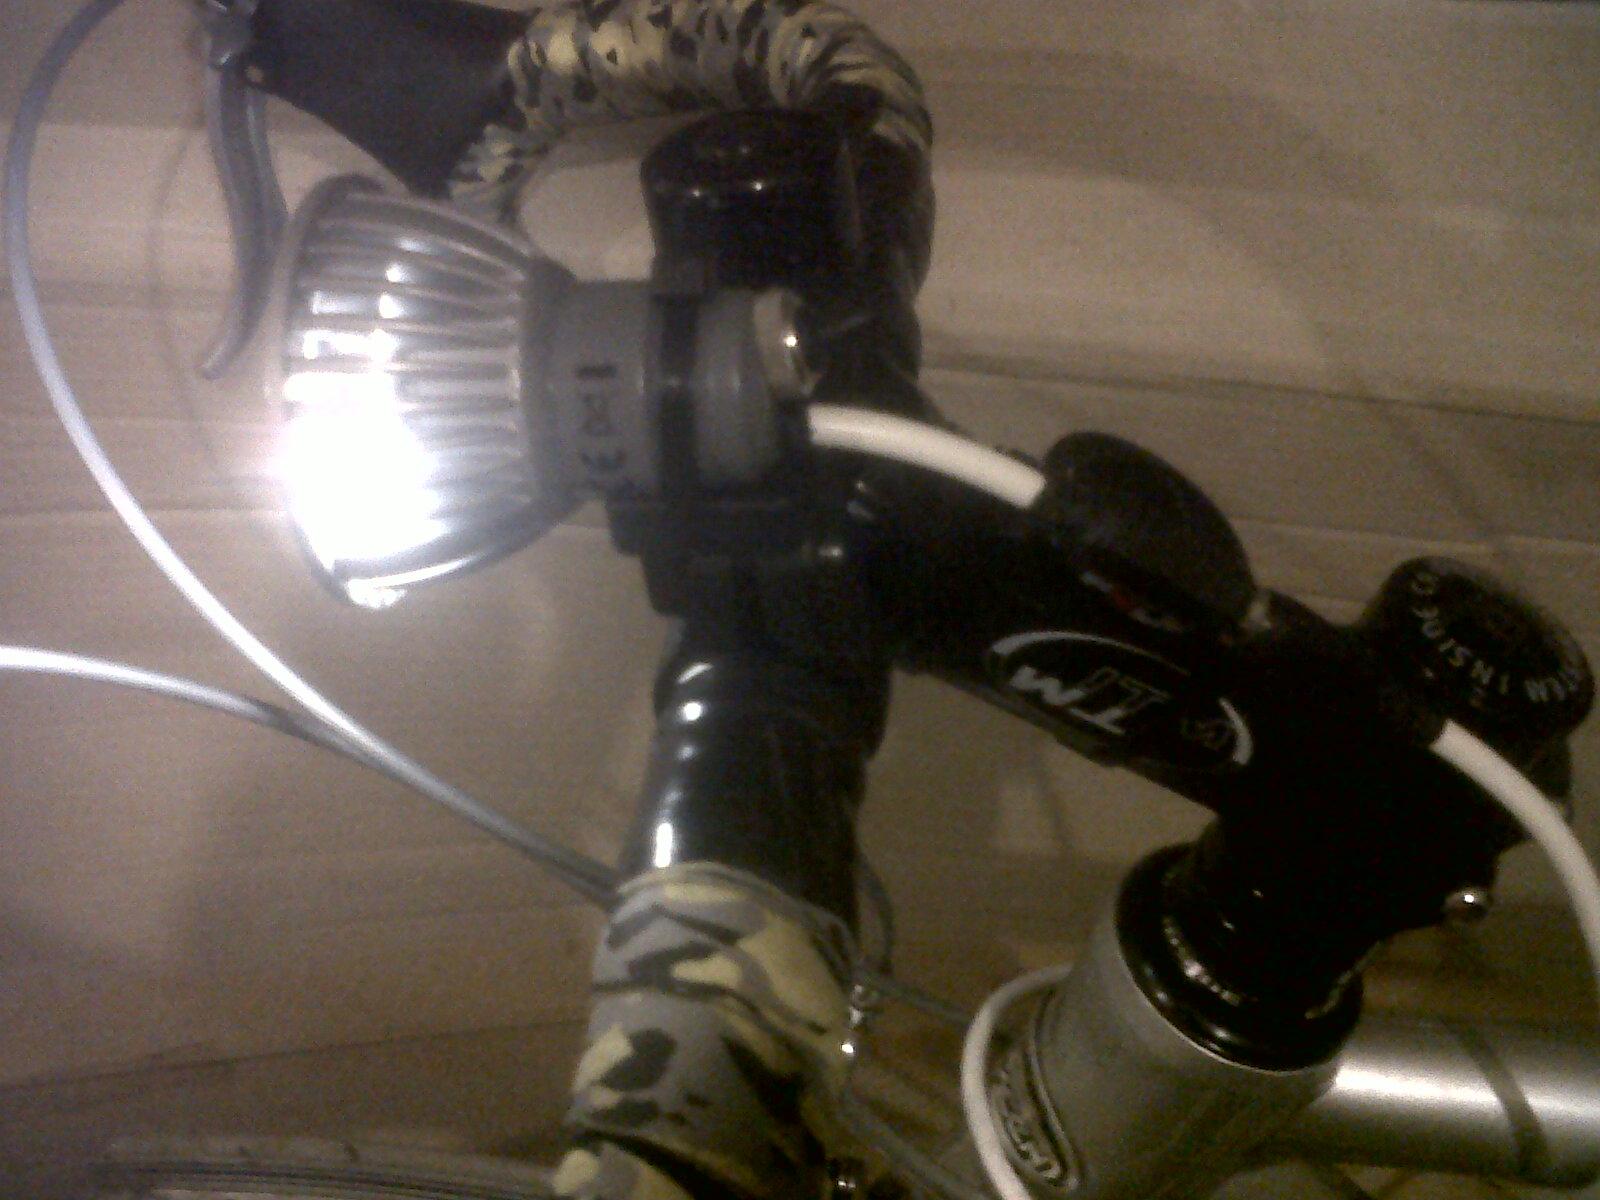 700 cd LED Bike Light - from OSRAM Spotlight